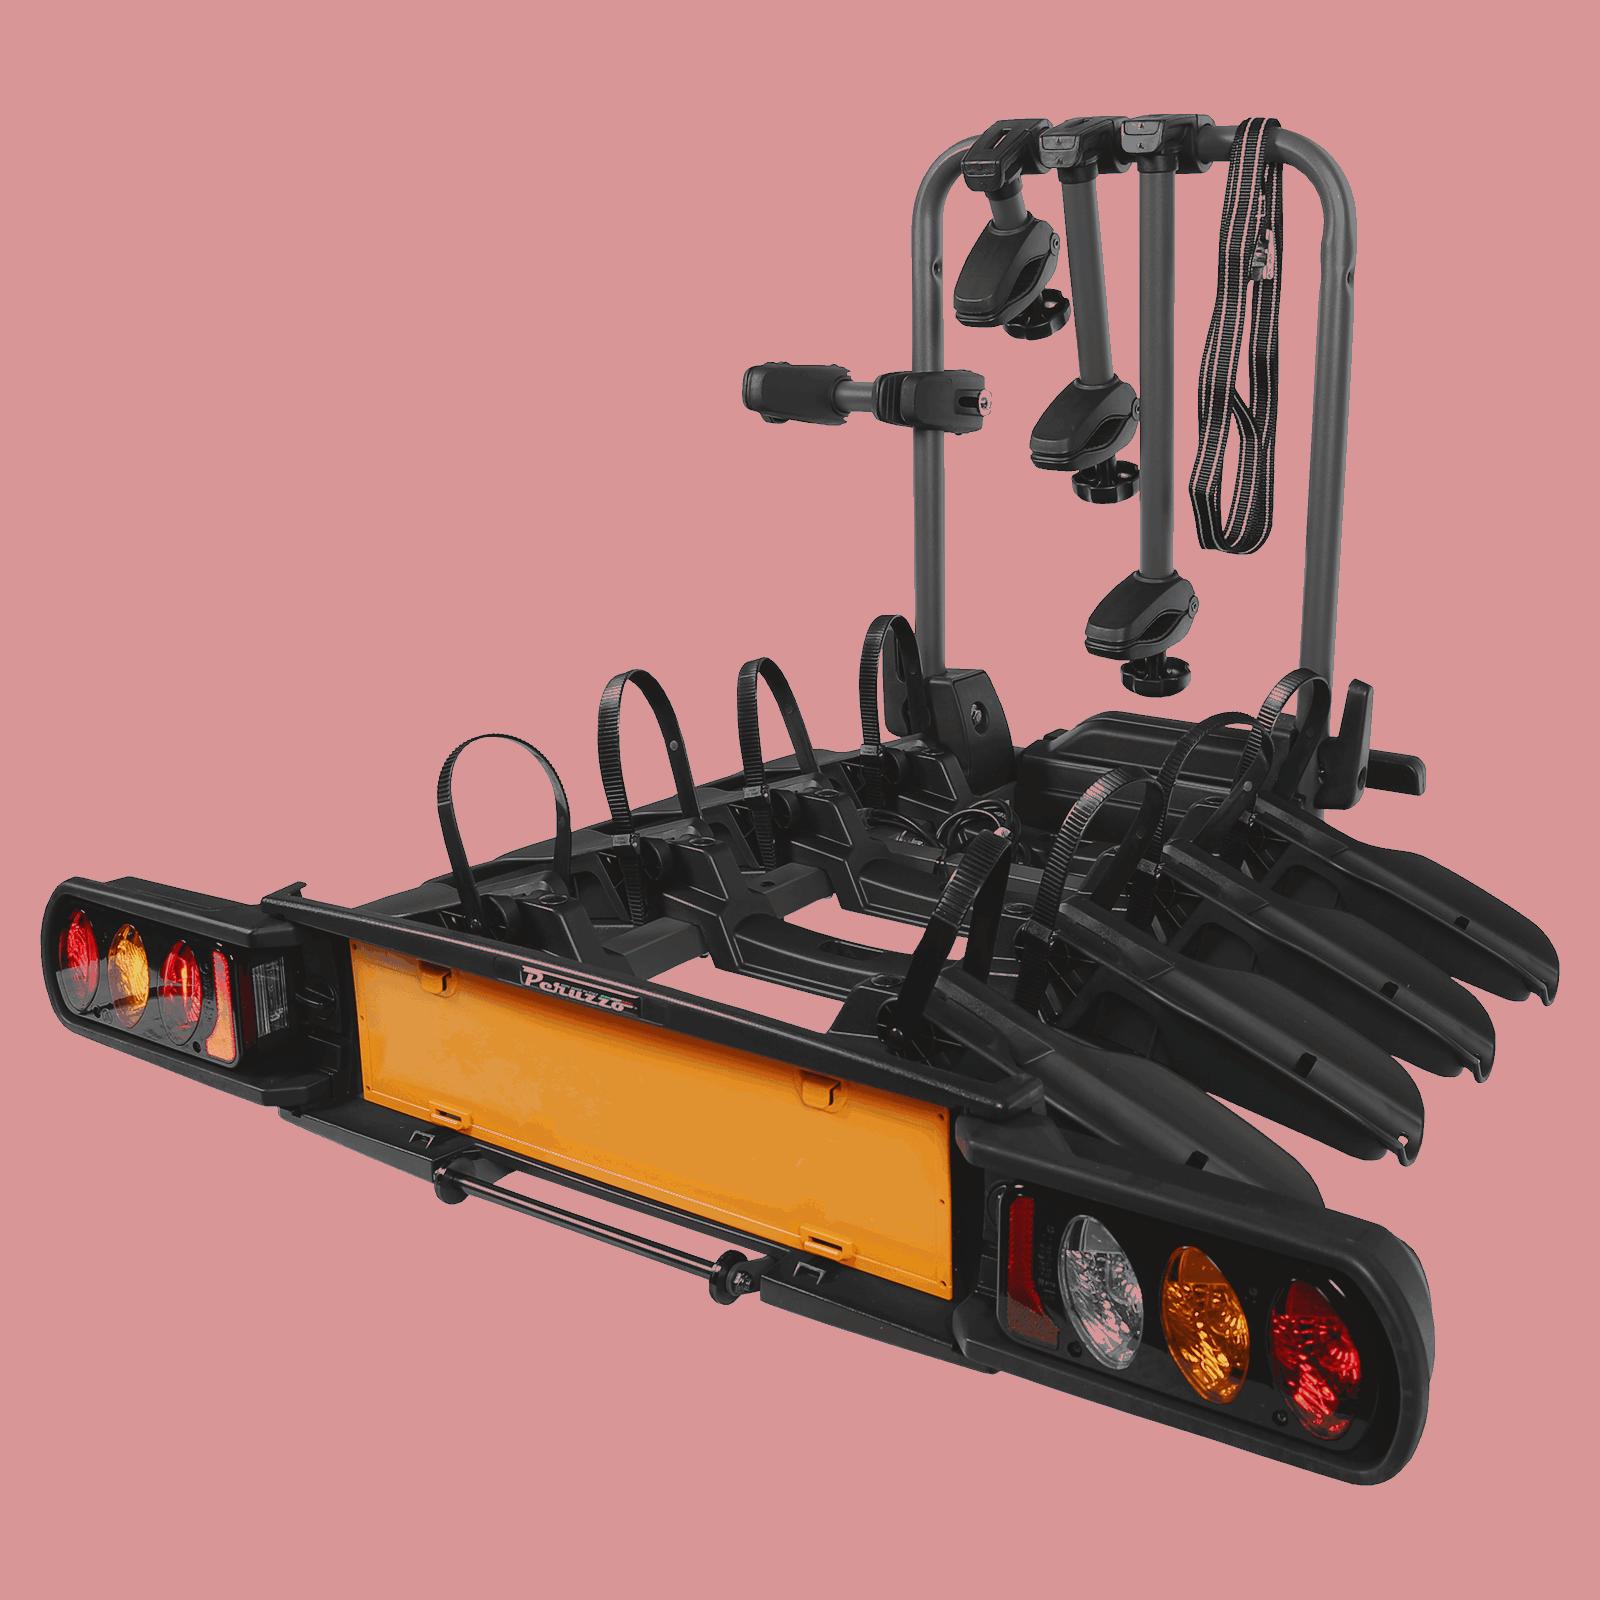 Nosič kol Peruzzo Pure Instinct 4 - 4 kola, na tažné zařízení